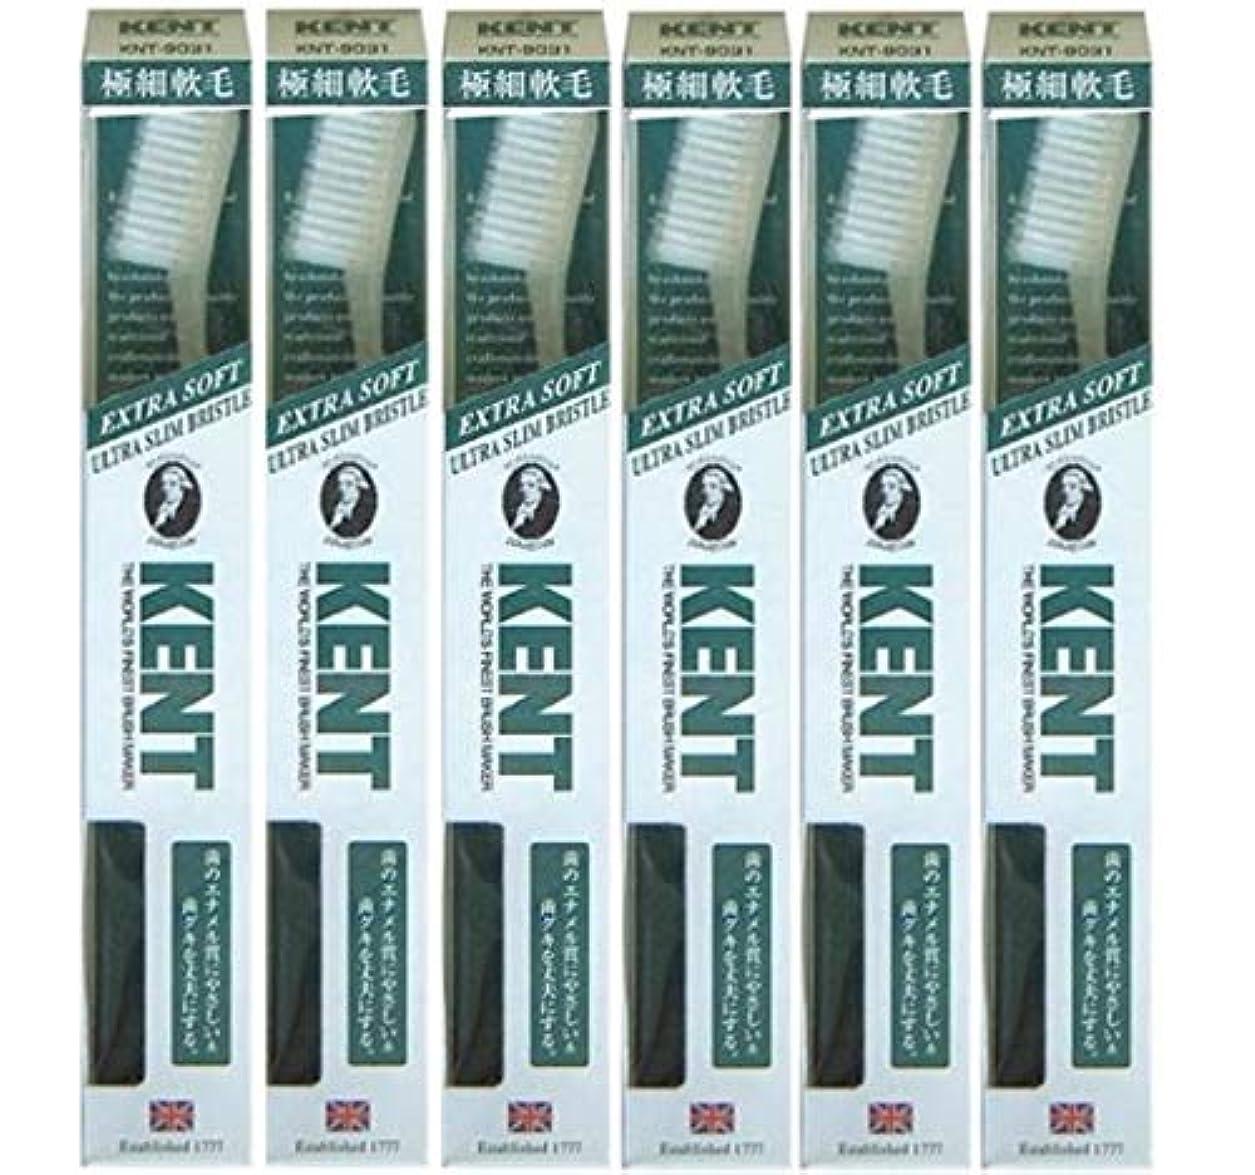 論理的ナット出します【6本セット】KENT 極細軟毛歯ブラシ KNT-9031 オーバルラージヘッド 超やわらかめ